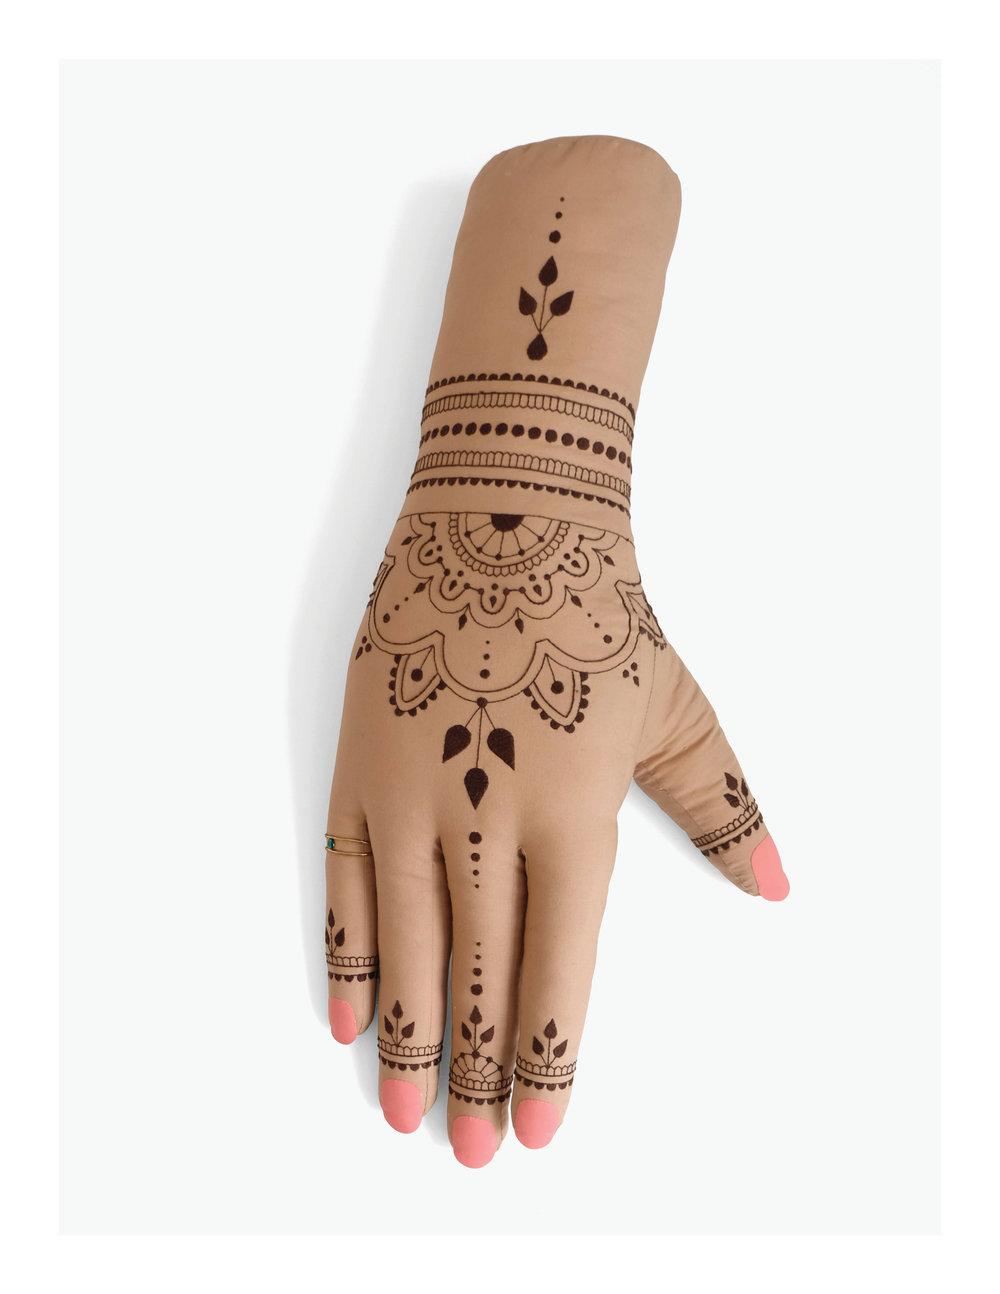 Henna, work in progress